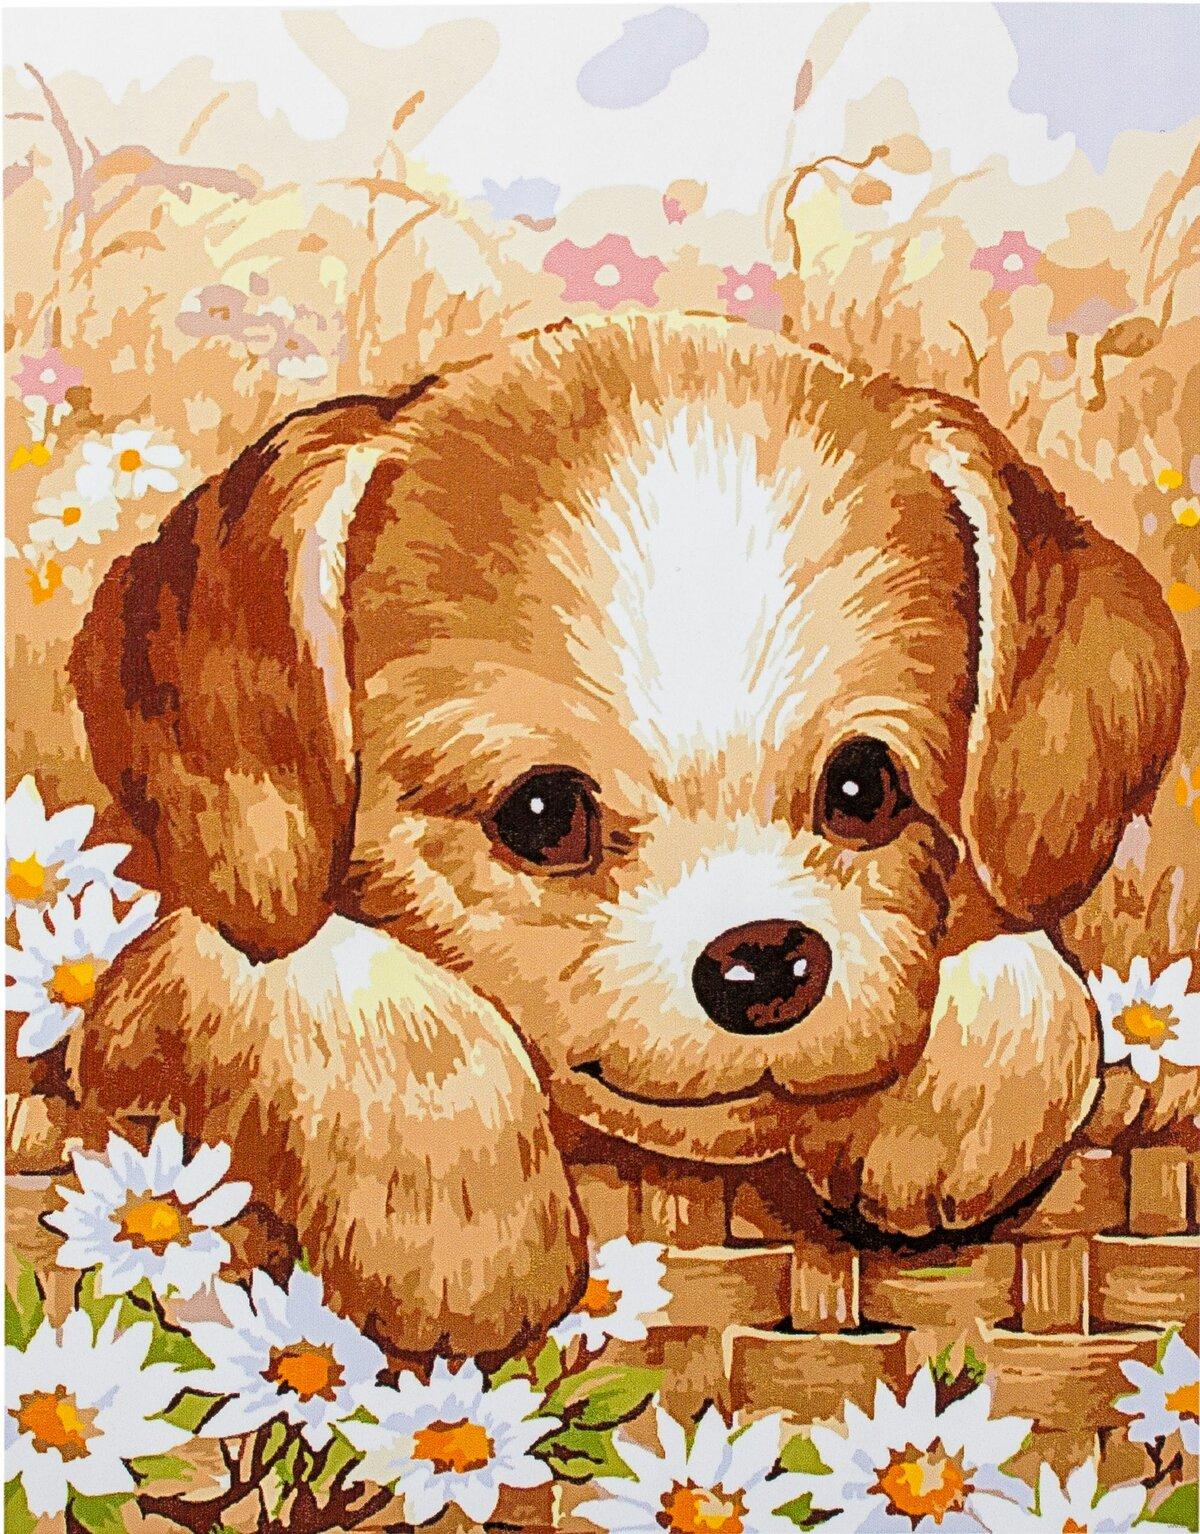 красивые картинки щенков мультяшные можно купить пригородной